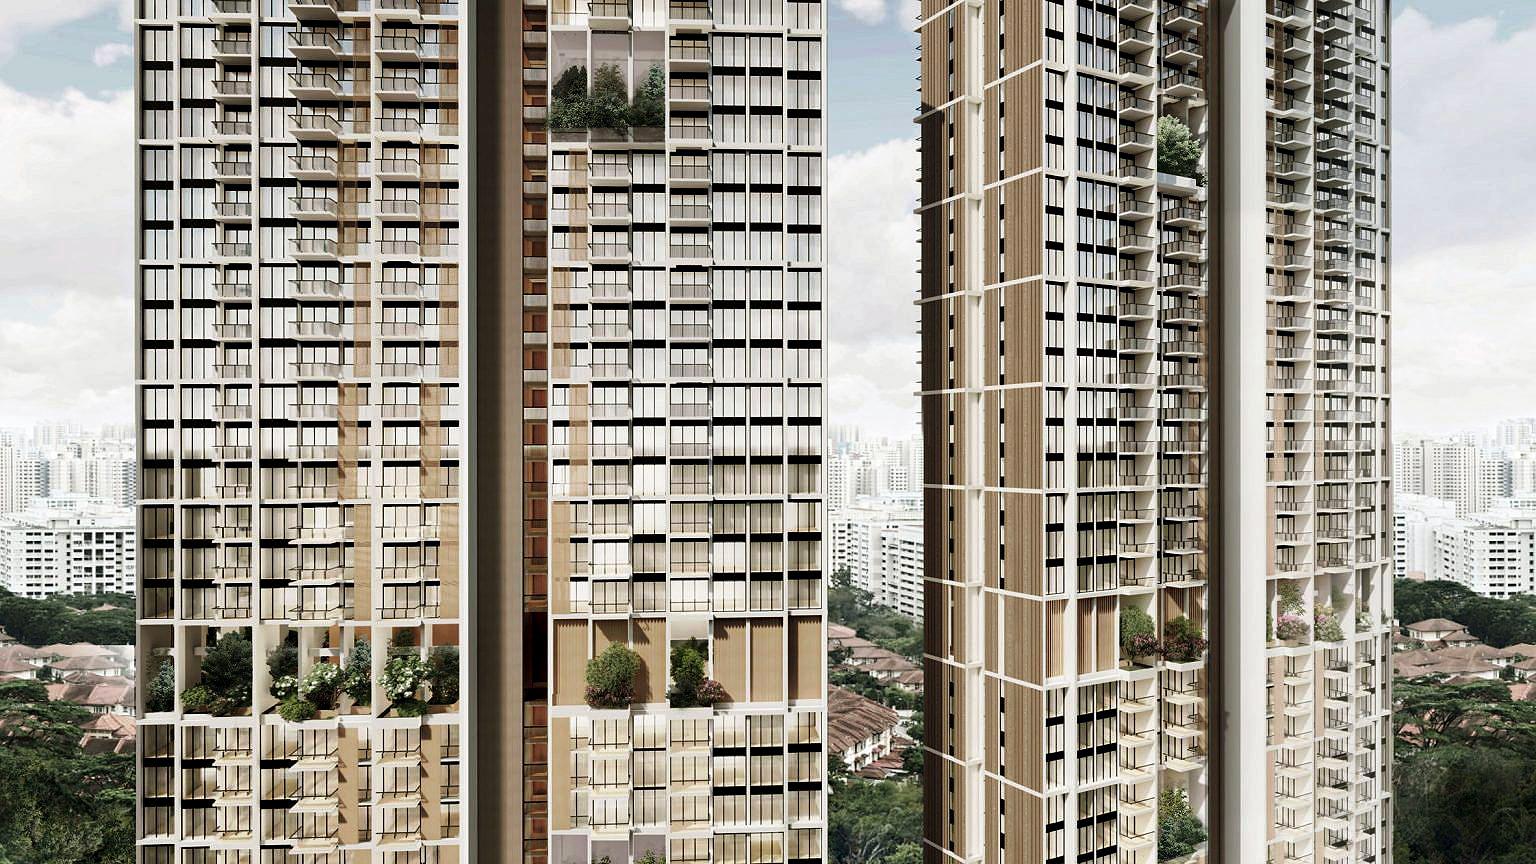 Cada prédio terá 1.074 unidades residenciais e nos andares 19 e 36 haverá grandes vãos para abrigar terraços verdes a céu aberto Crédito: ADDP